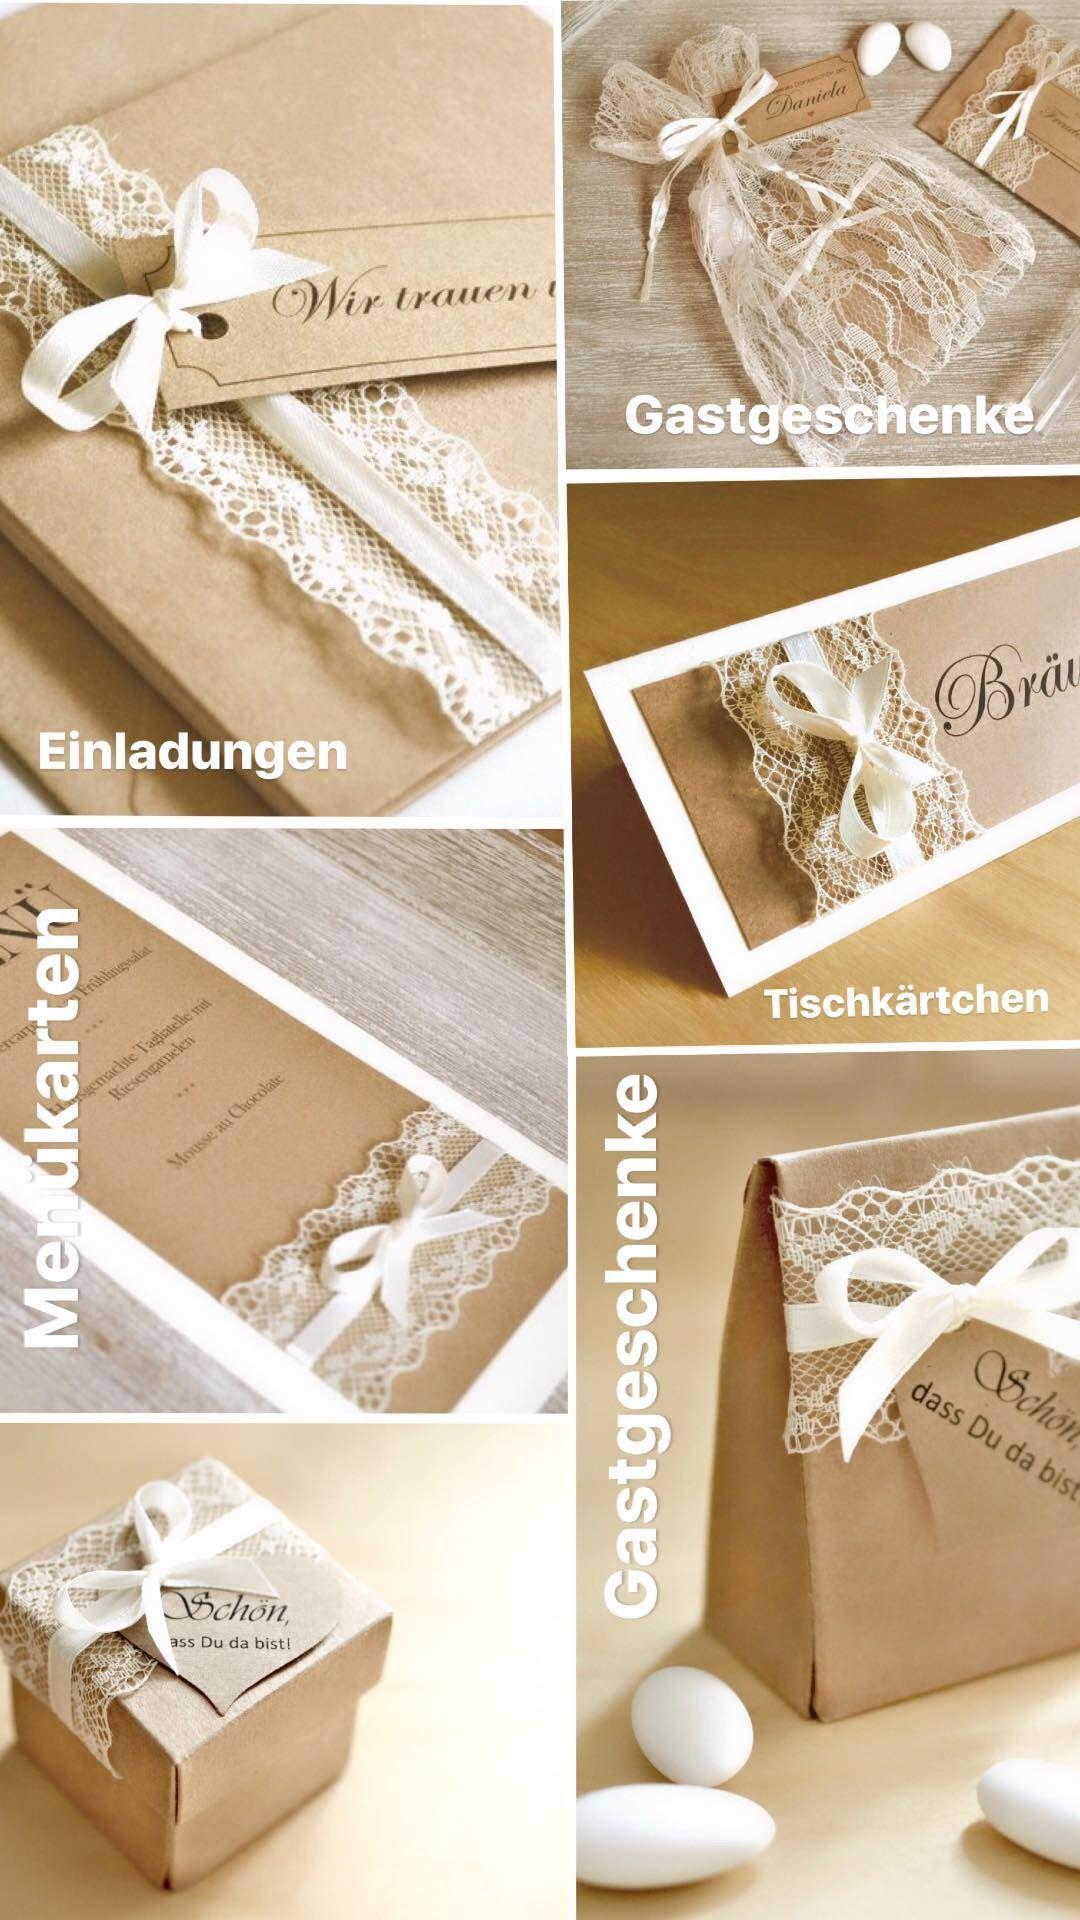 Einladungskarten Tischkartchen Gastgeschenke Menukarten